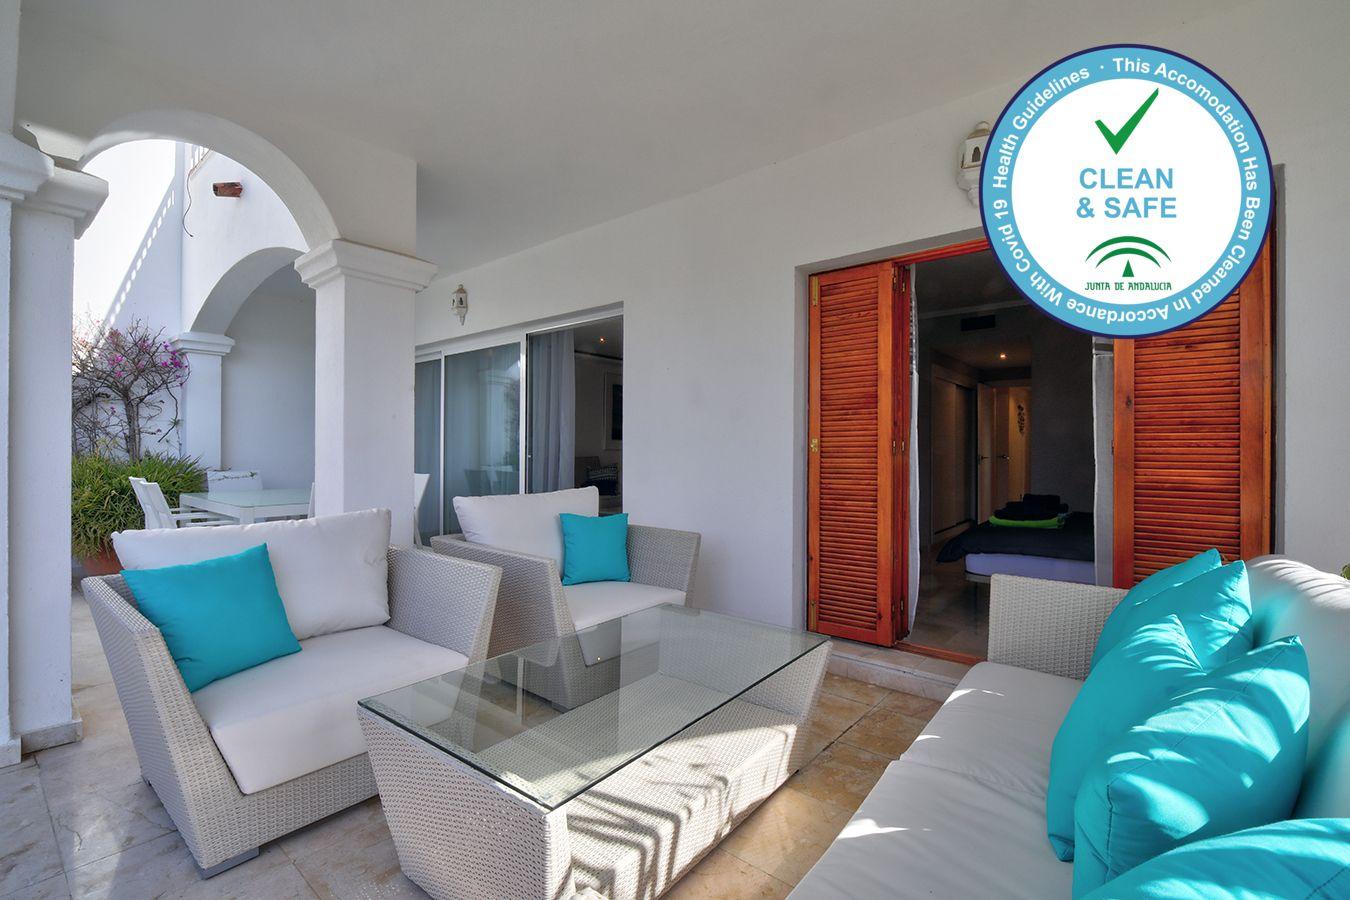 Superb 2 Bedroom Apartment, Señorio de Marbella